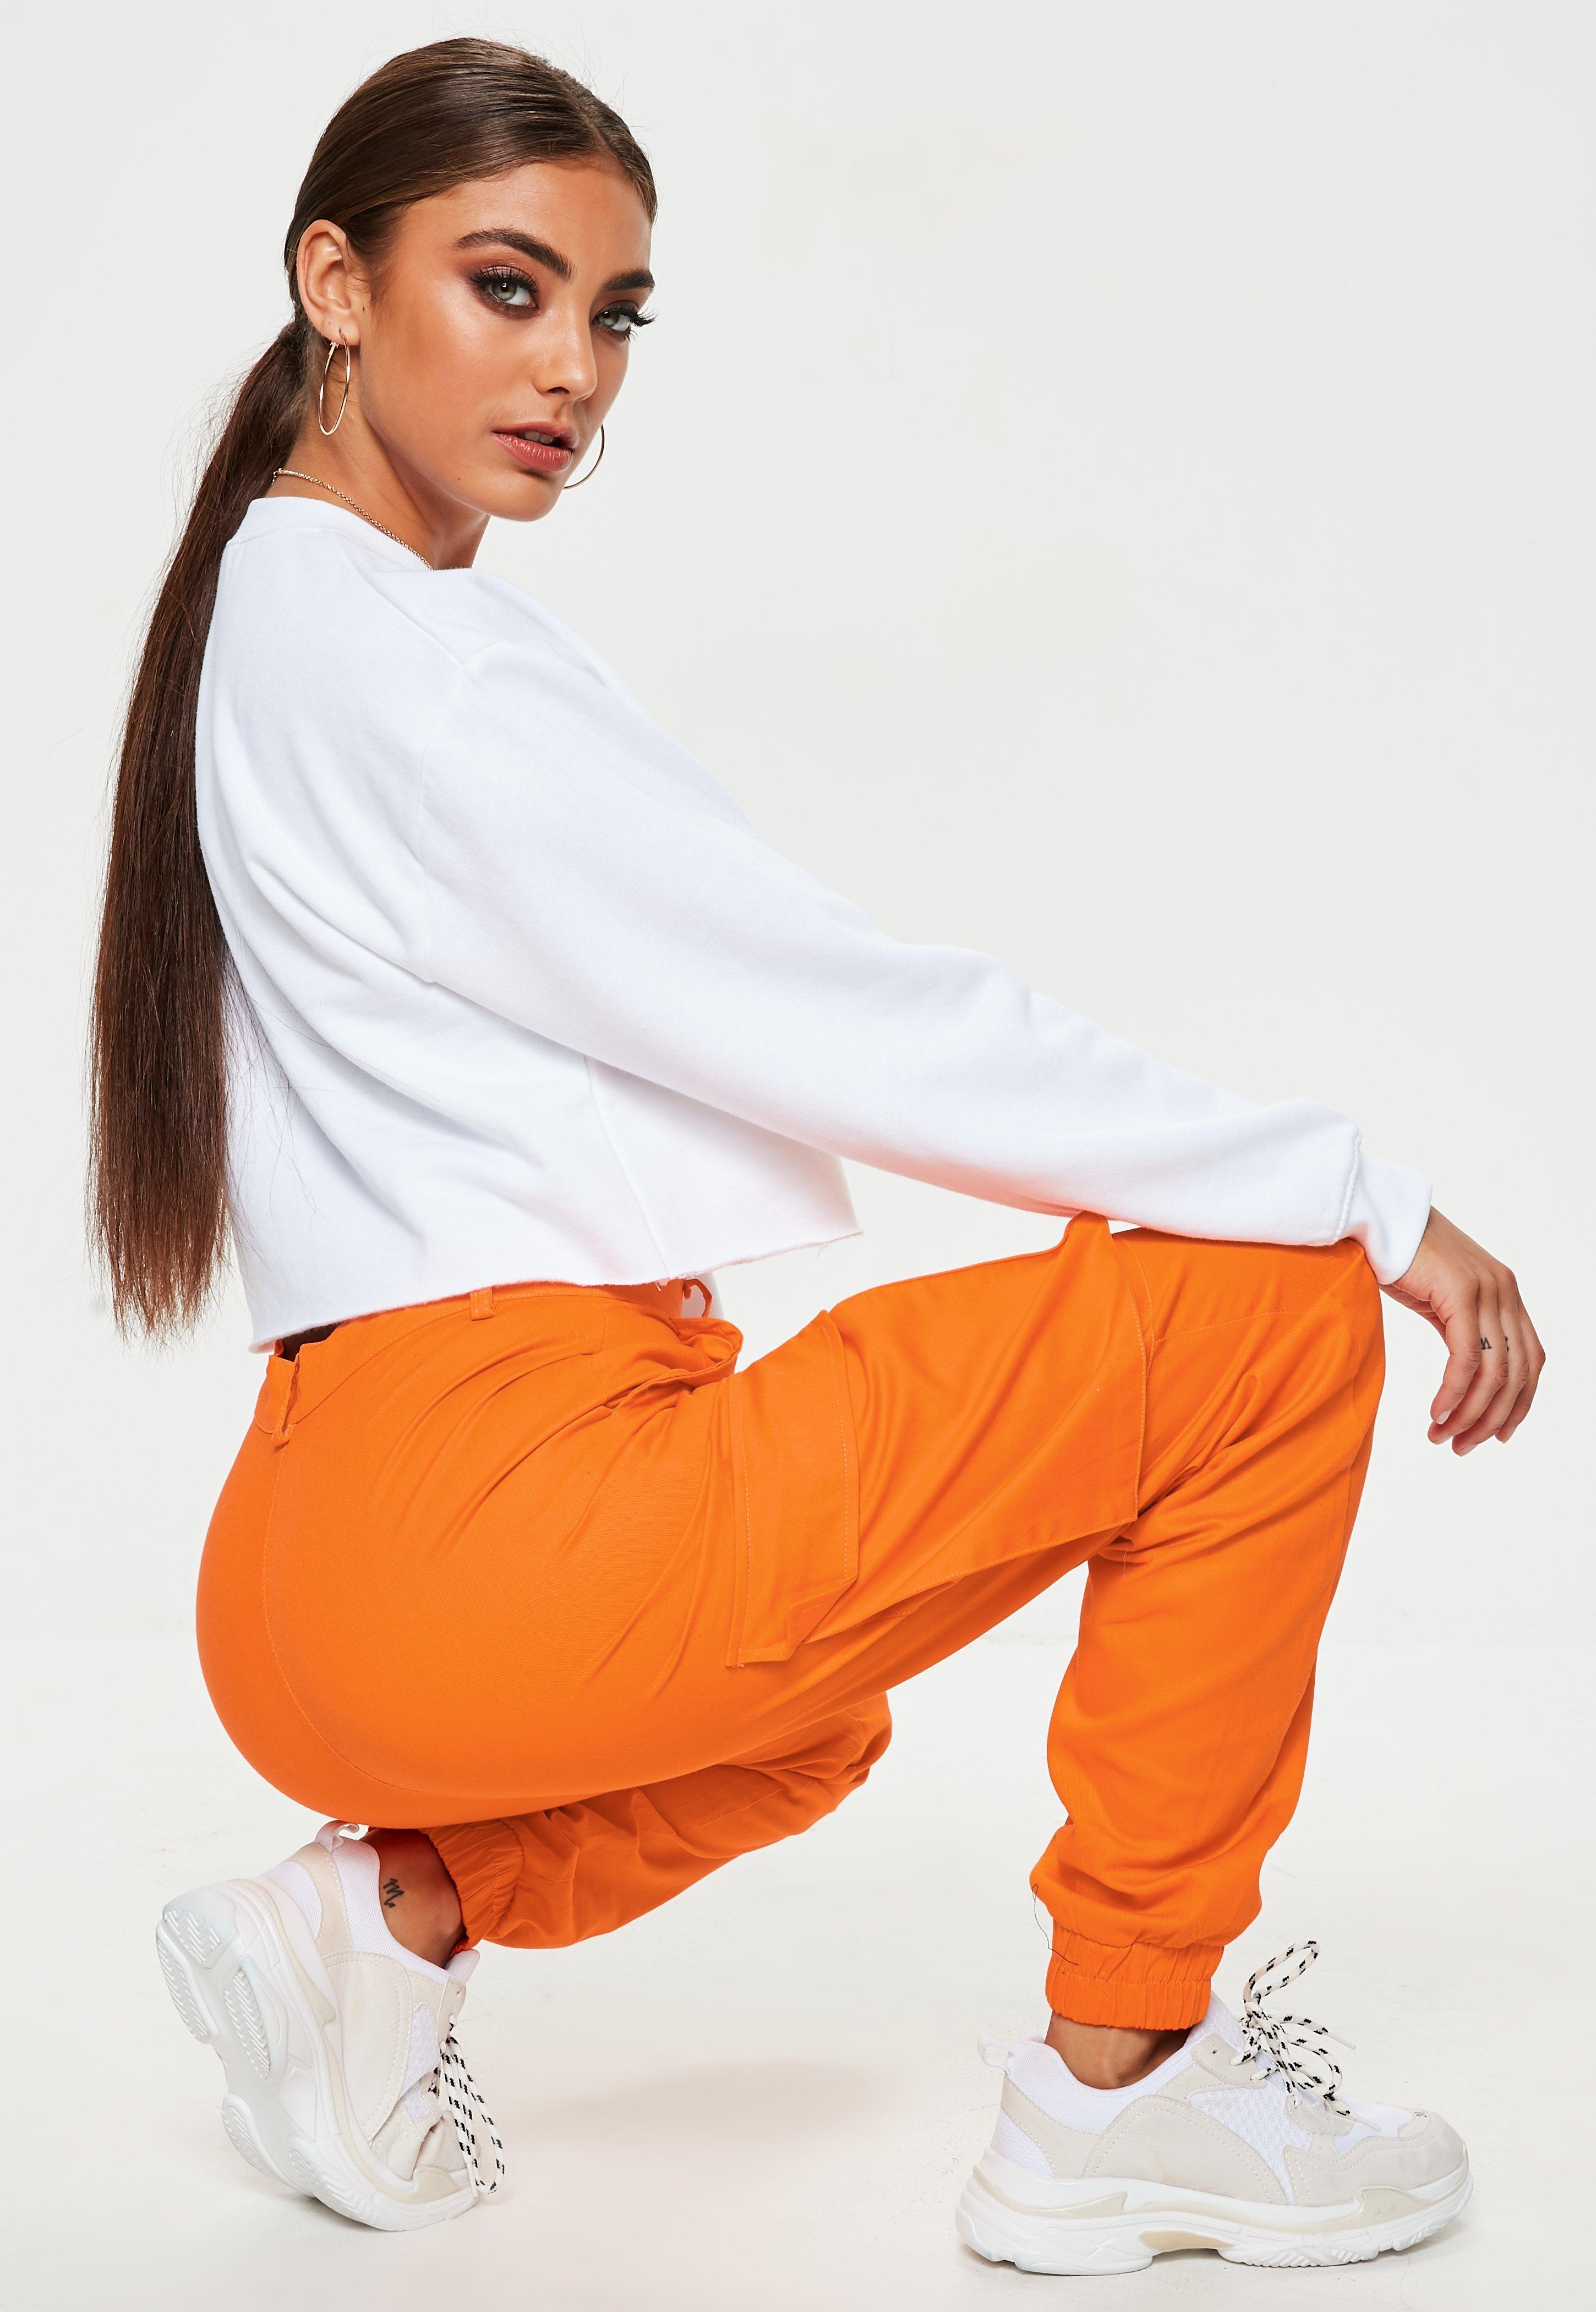 2bbc0909d0728 Pants   Women's Pants & Slacks - Missguided